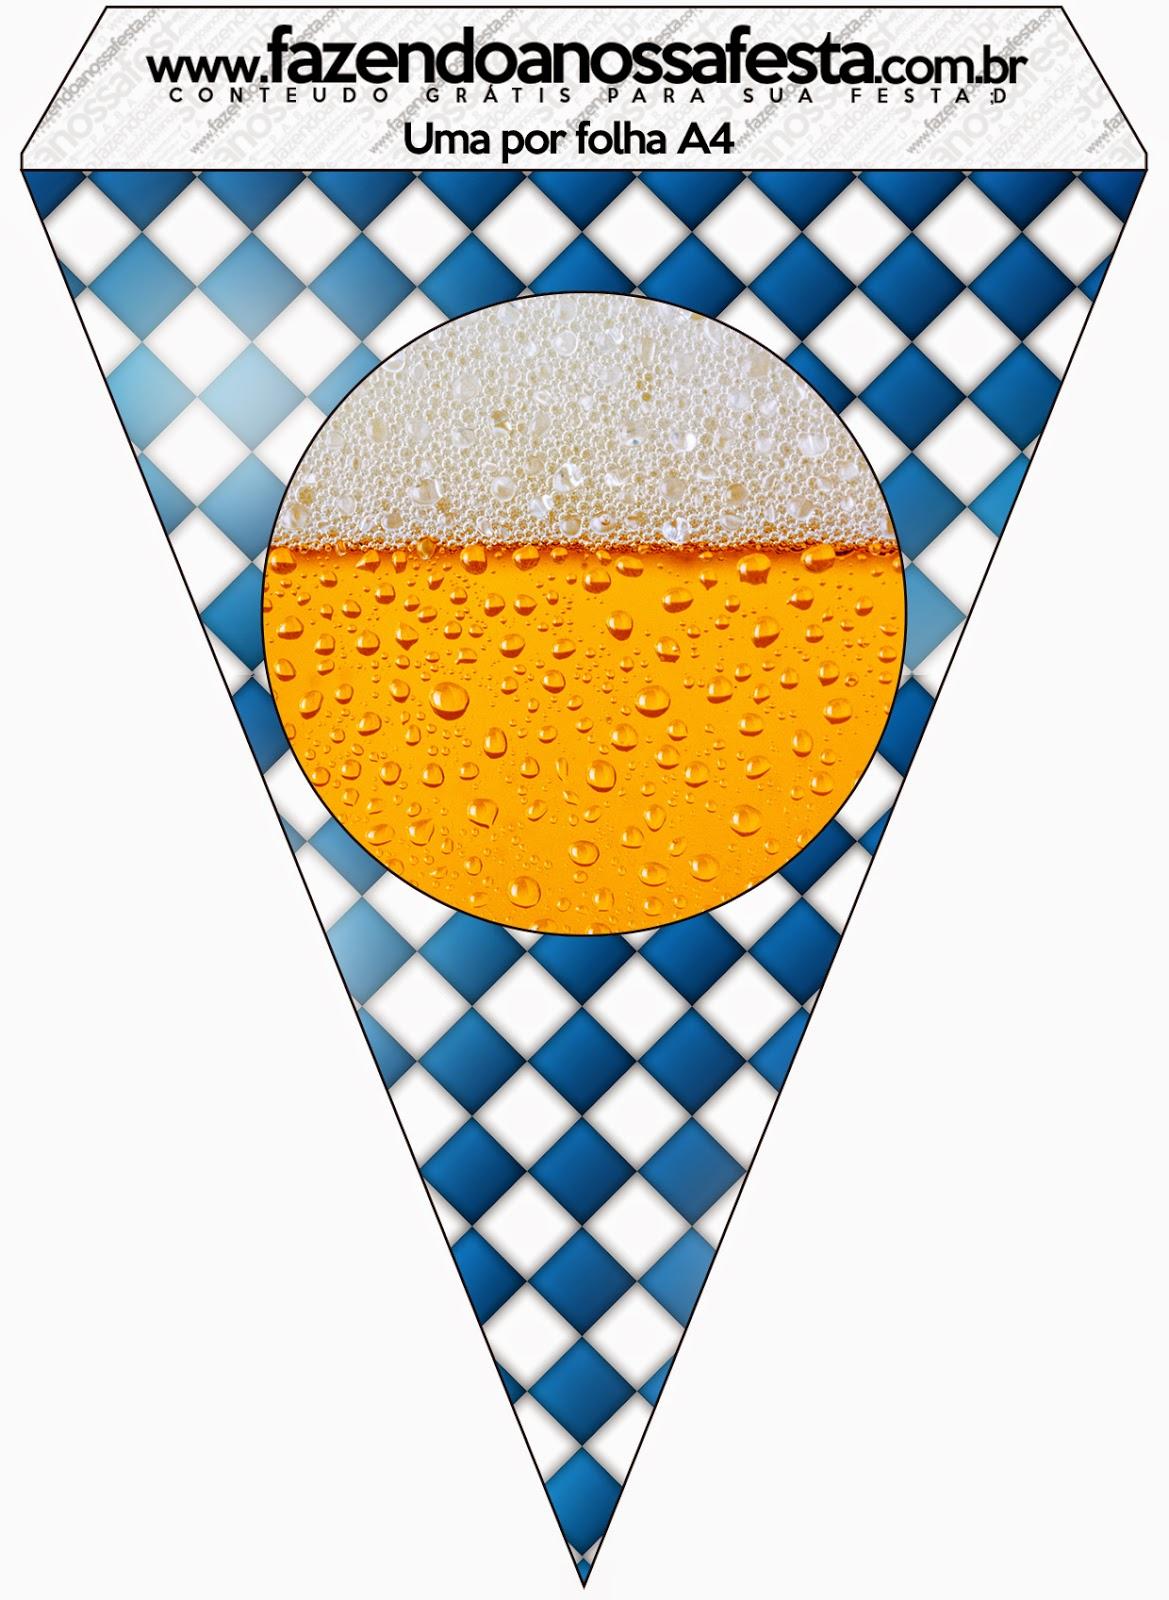 Banderines de Fiesta de la Cerveza para imprimir gratis.